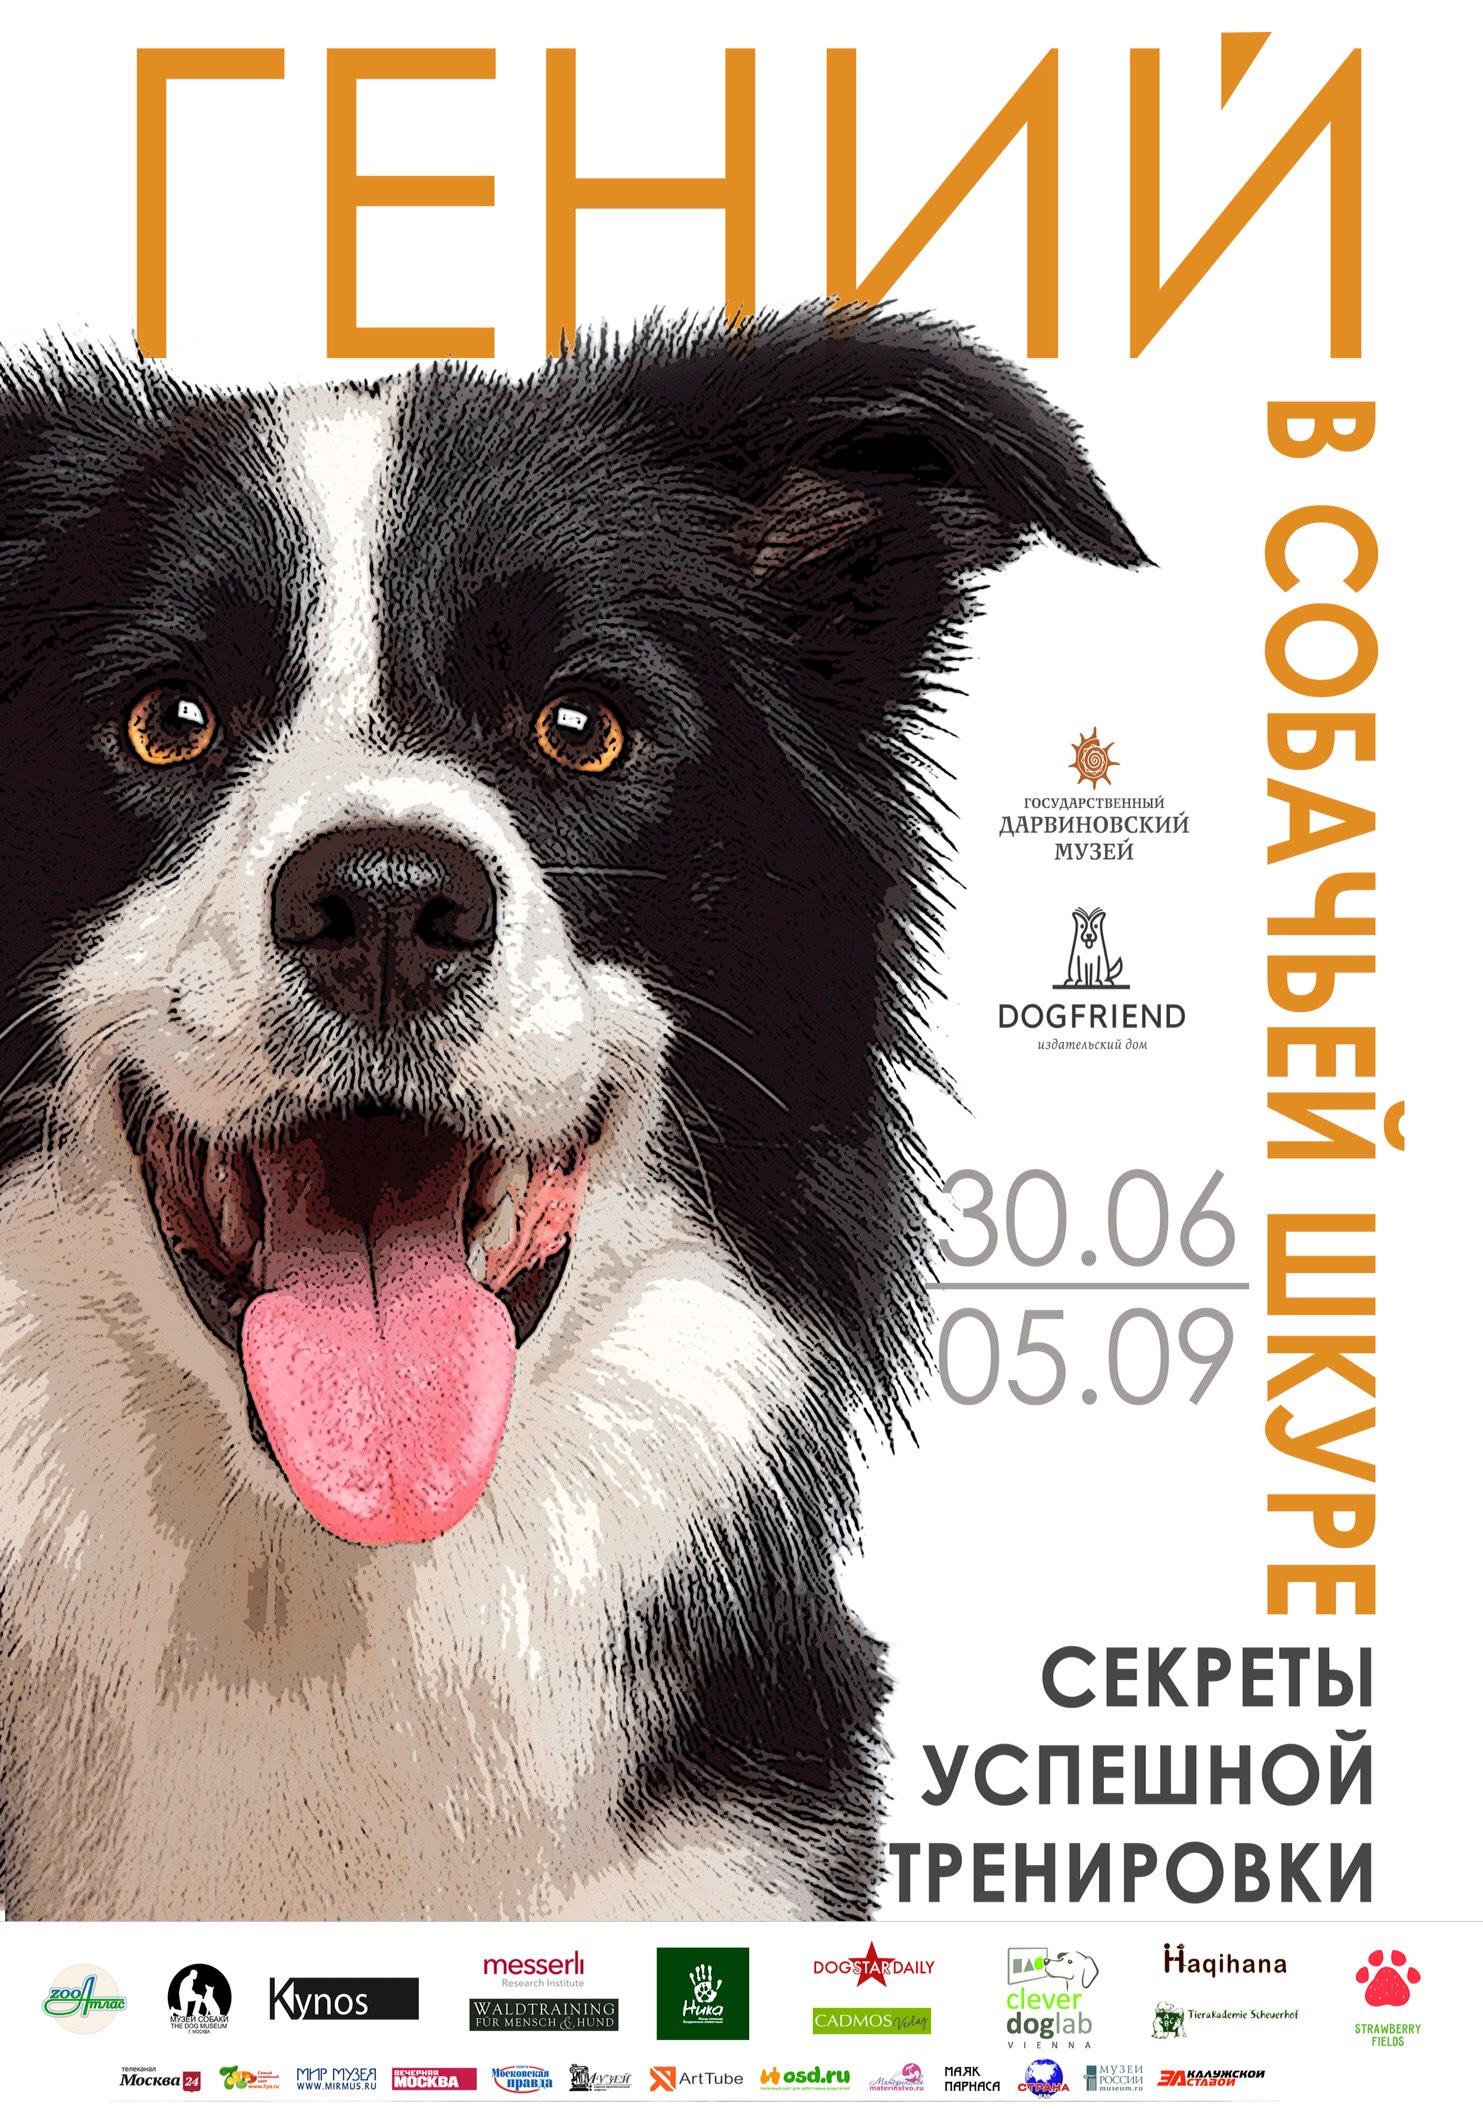 Выставка и конференция по тренировке собак в Москве